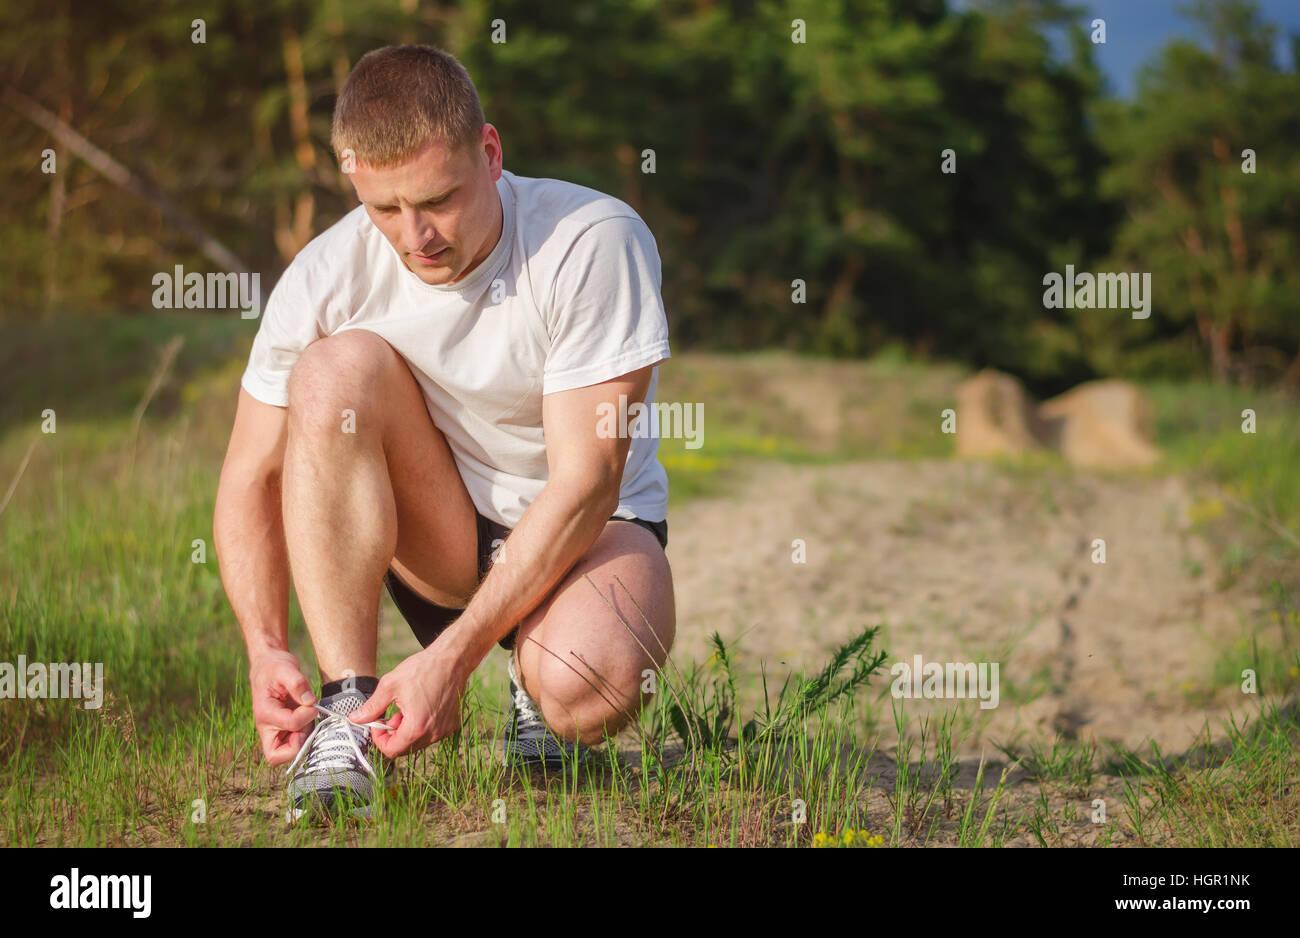 Atlético joven hombre atando los cordones de los zapatos